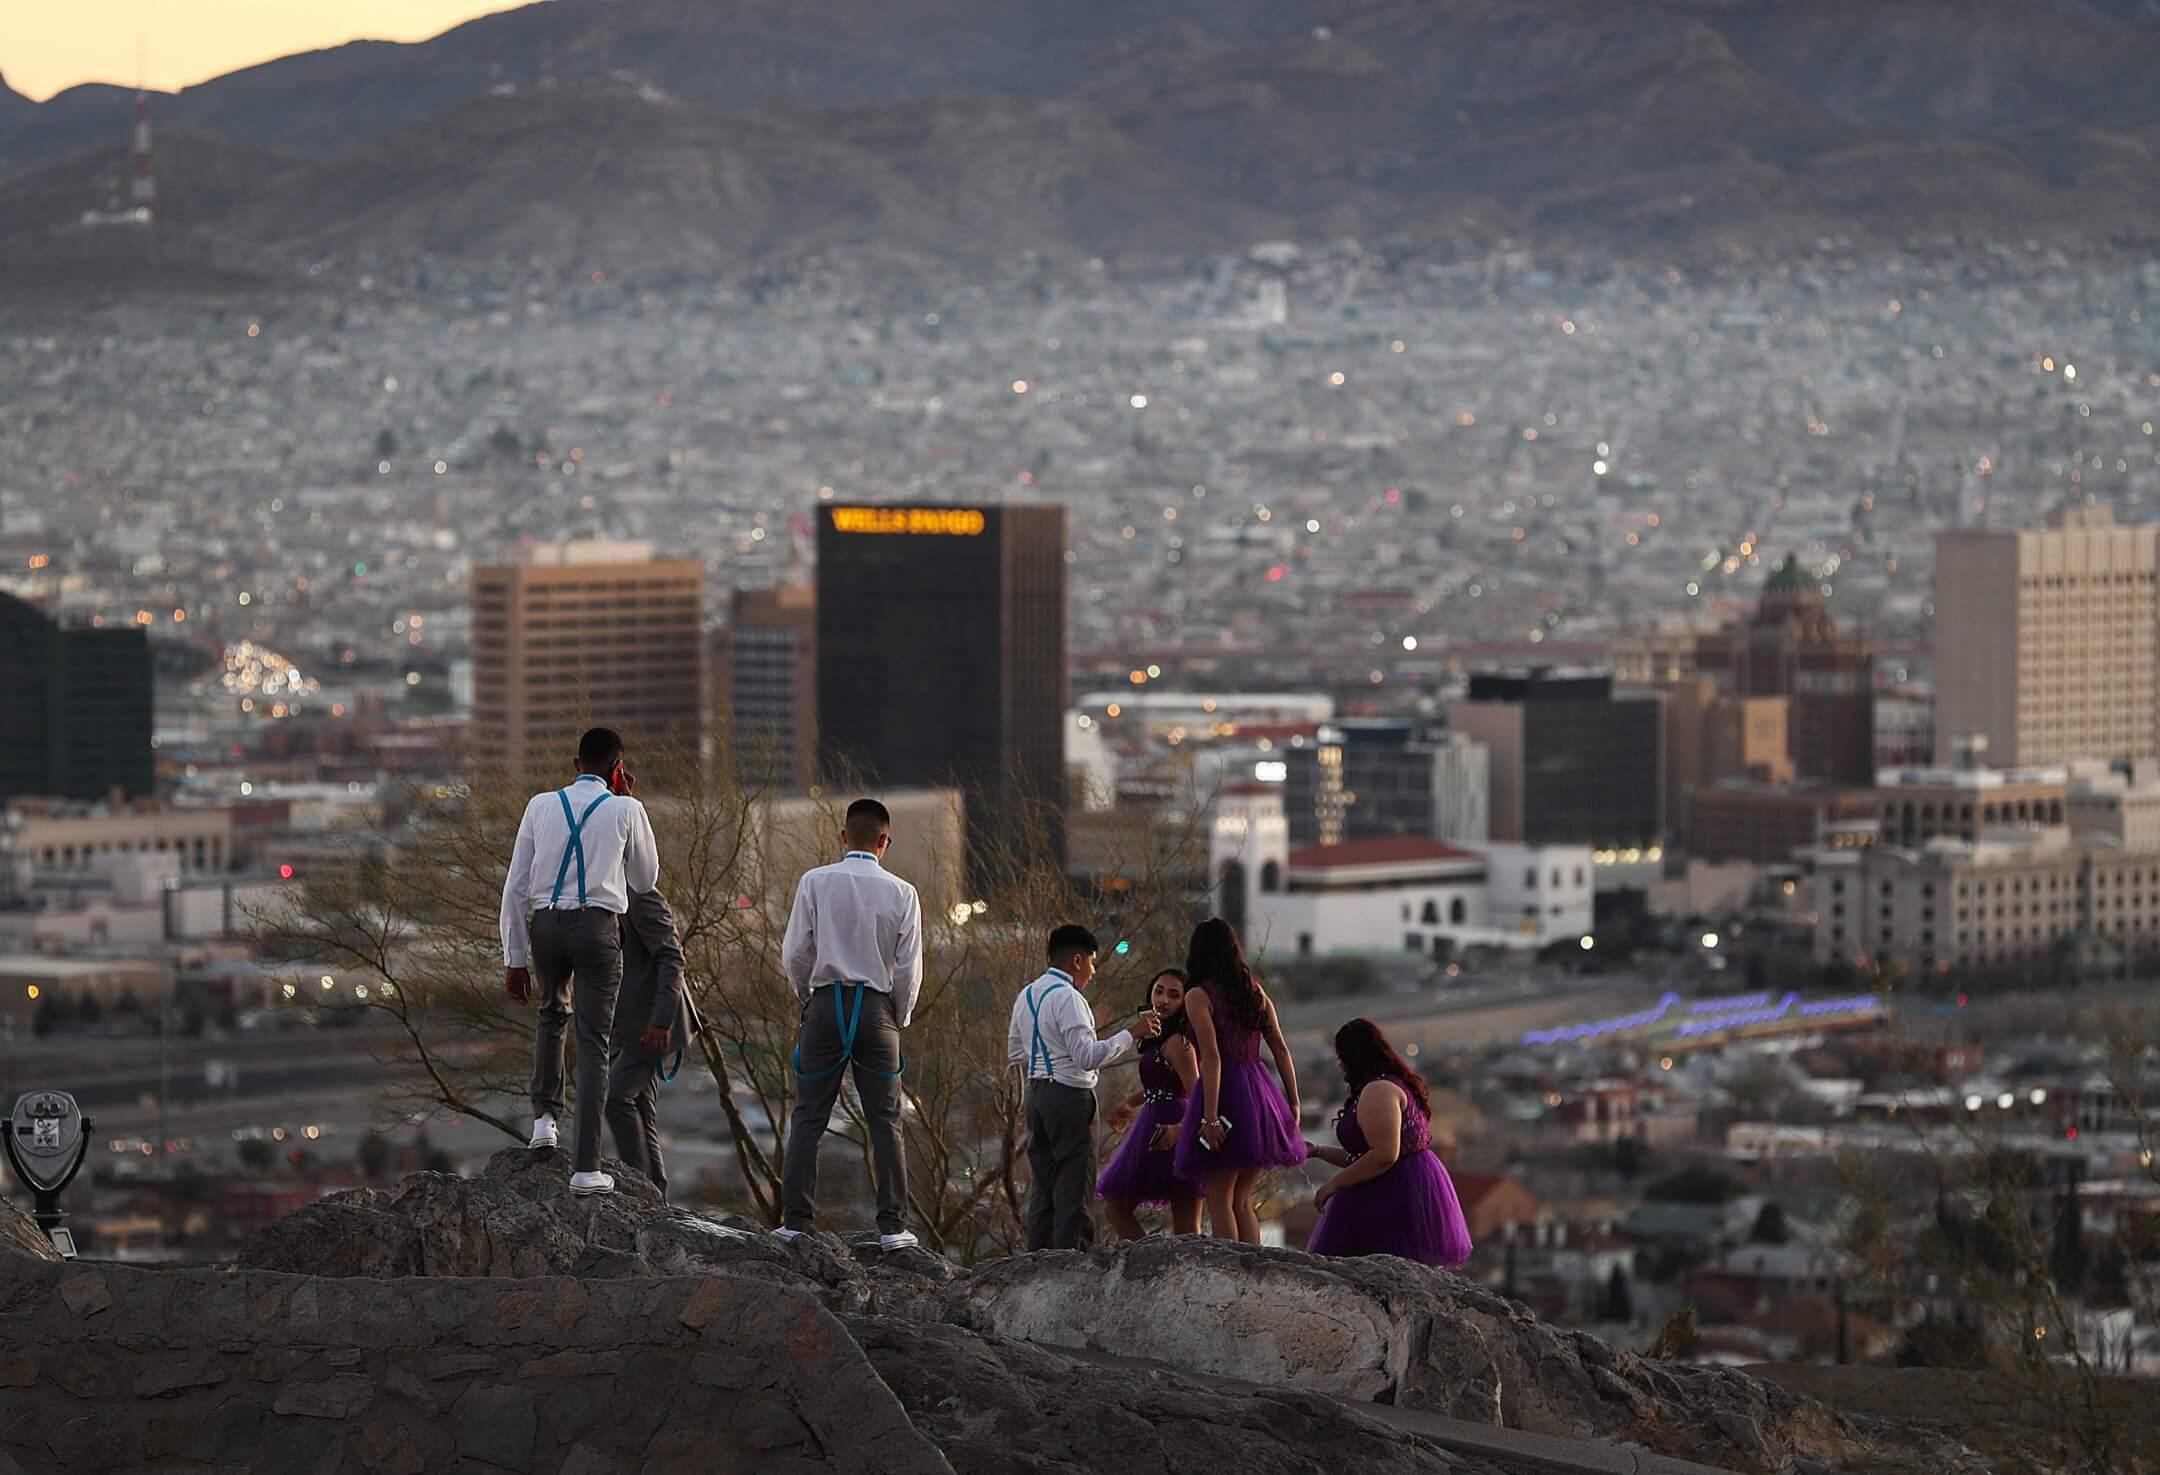 美國德州,數名學生在埃爾帕索市高處遠觀對岸墨西哥的華雷斯城。 攝:Joe Raedle/Getty Images